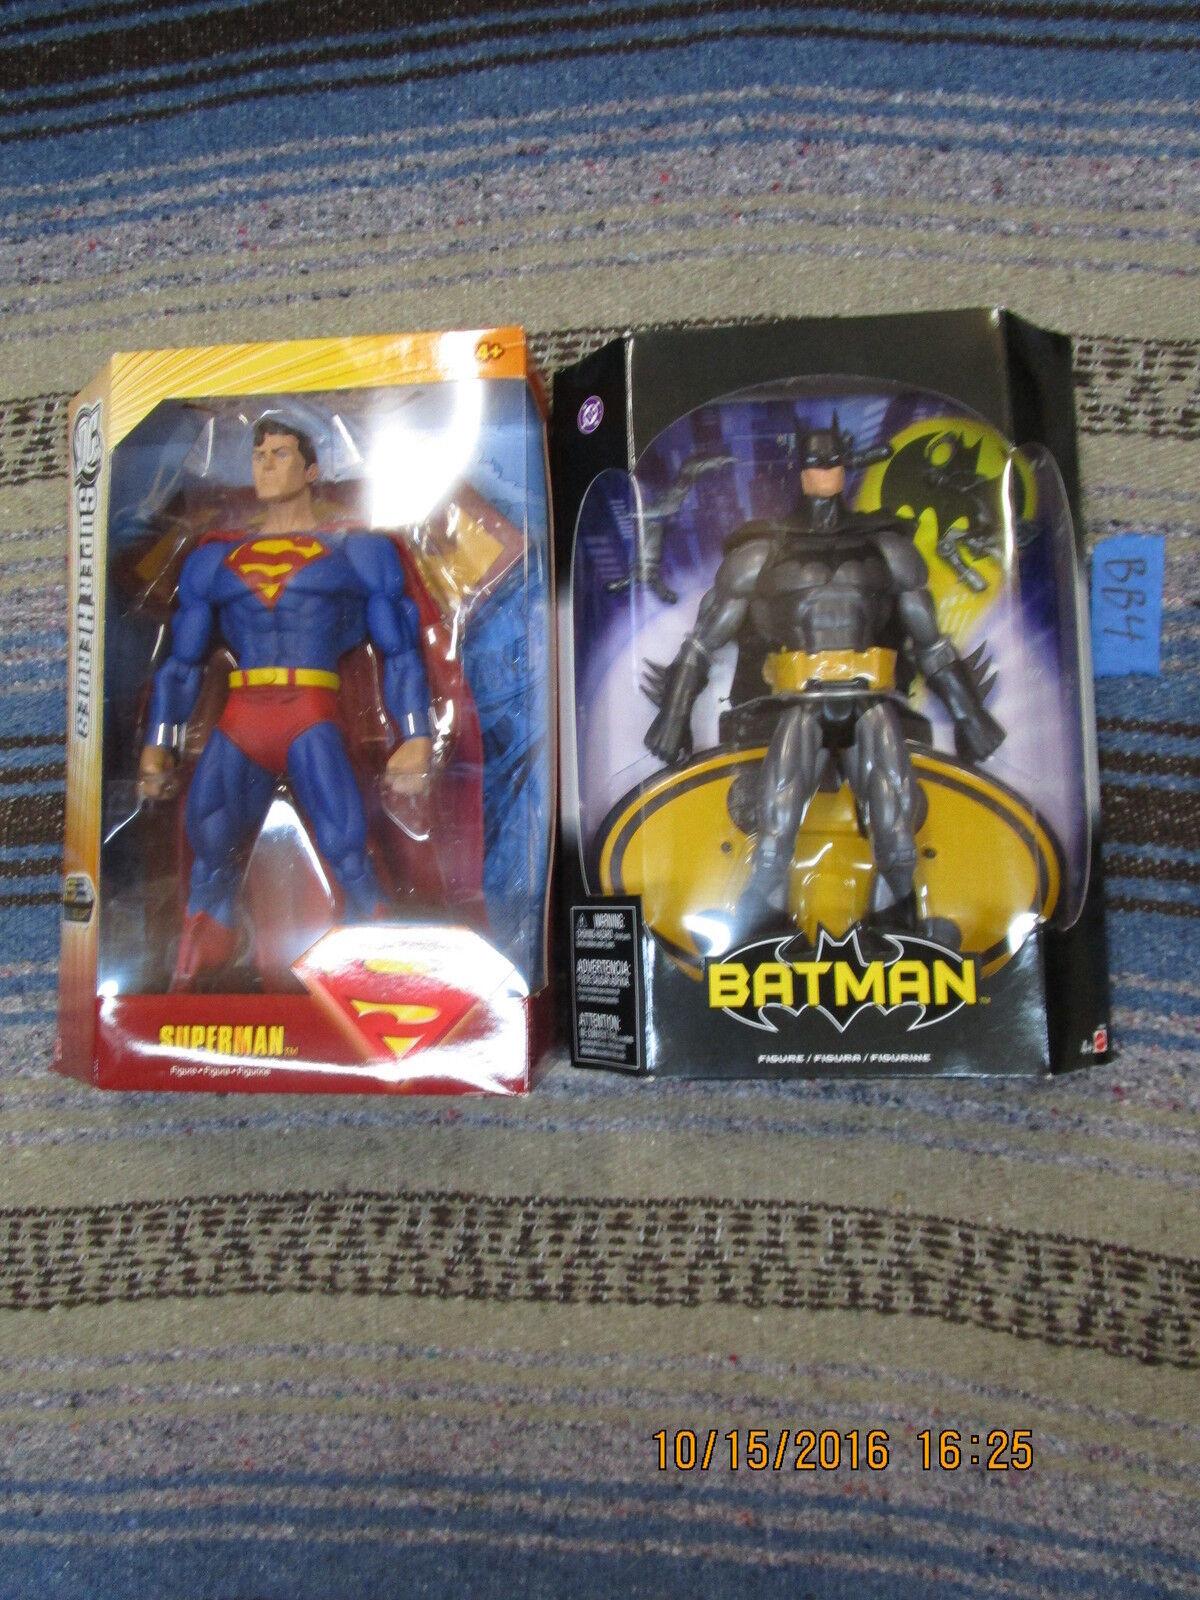 DC Universo Lote Clásico súperman & Batman 12  gigantes de justicia S3 seleccione esculpir